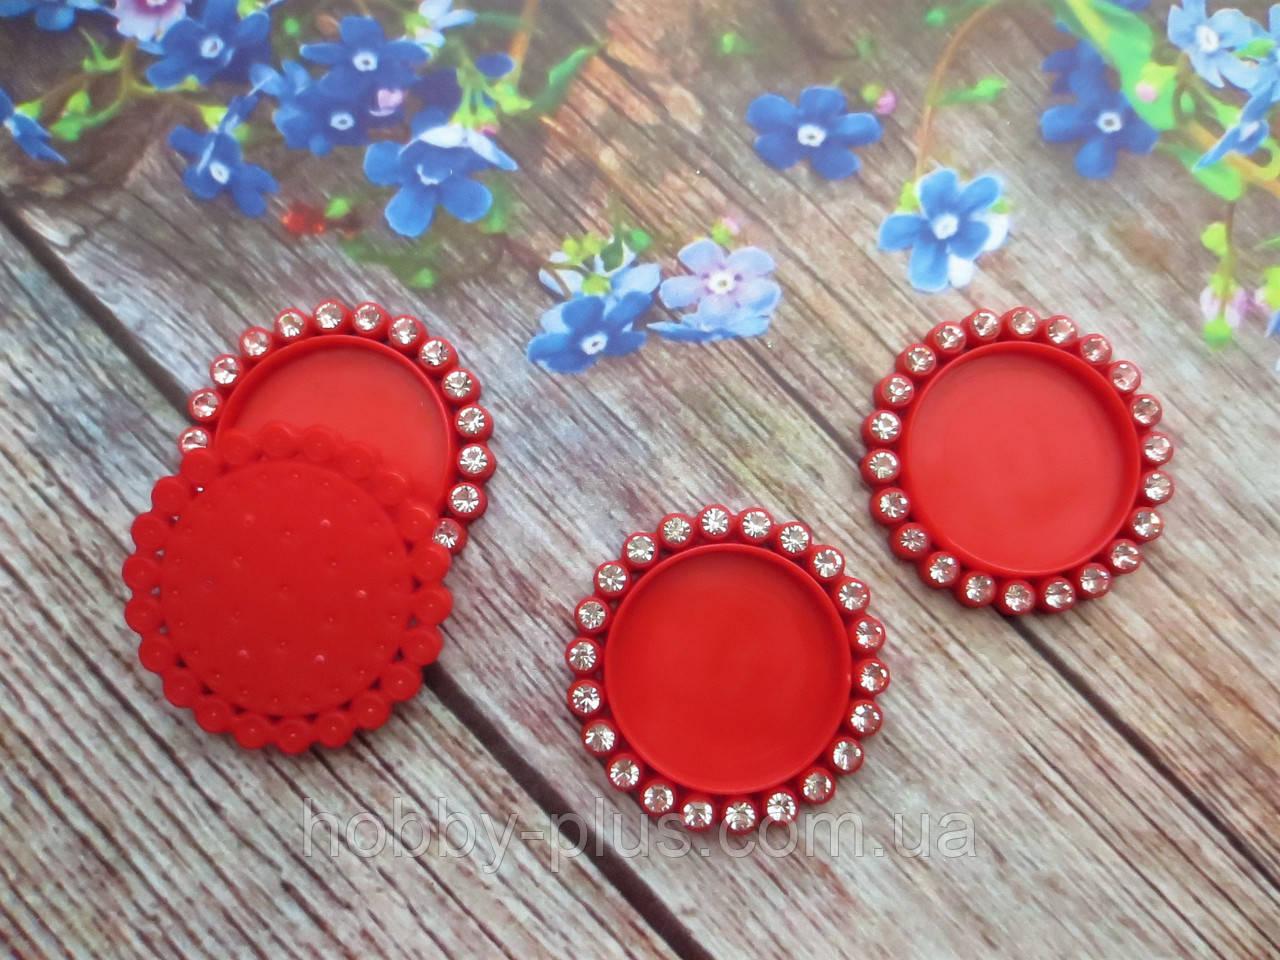 Основа пластиковая (крышечка) для серединки бантика в стразовой оправе, 33/25 мм, цвет красный